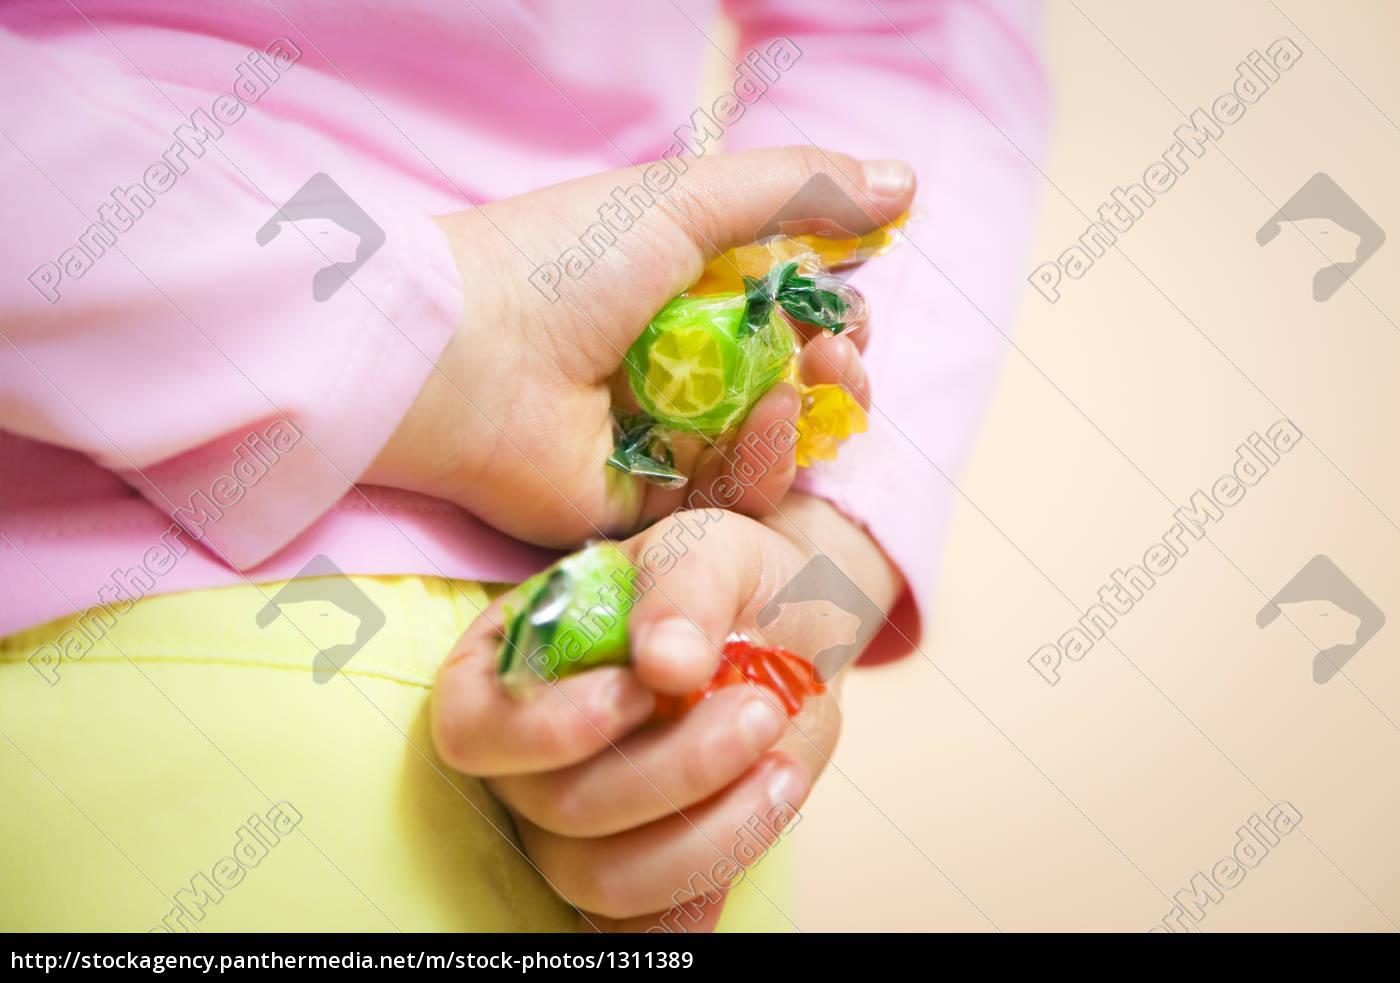 children44 - 1311389